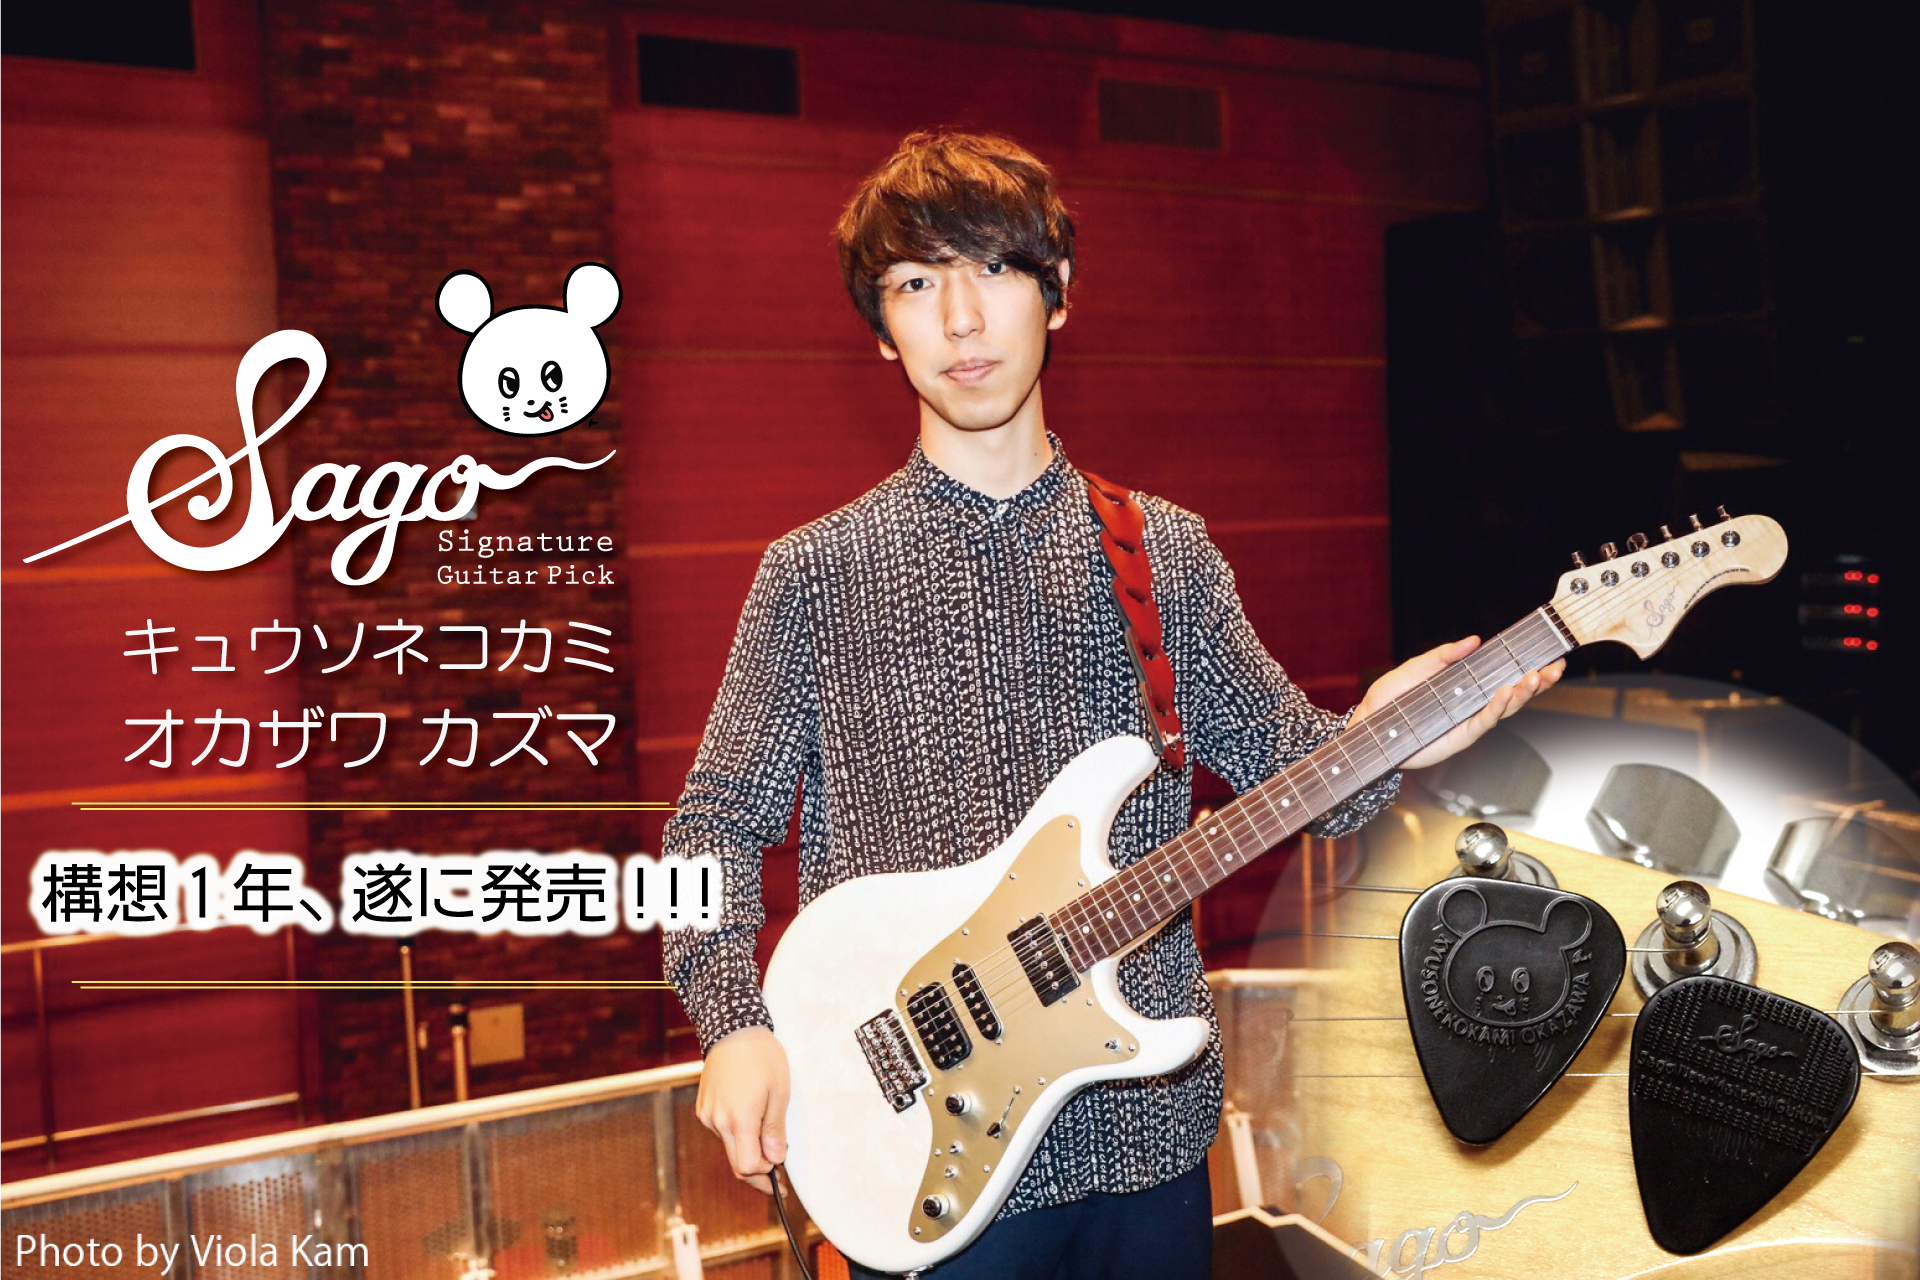 職人の手によるハンドメイドエレキギターは唯一無二のオリジナルであり、国産ギターのハイエンドブランドとして知られる